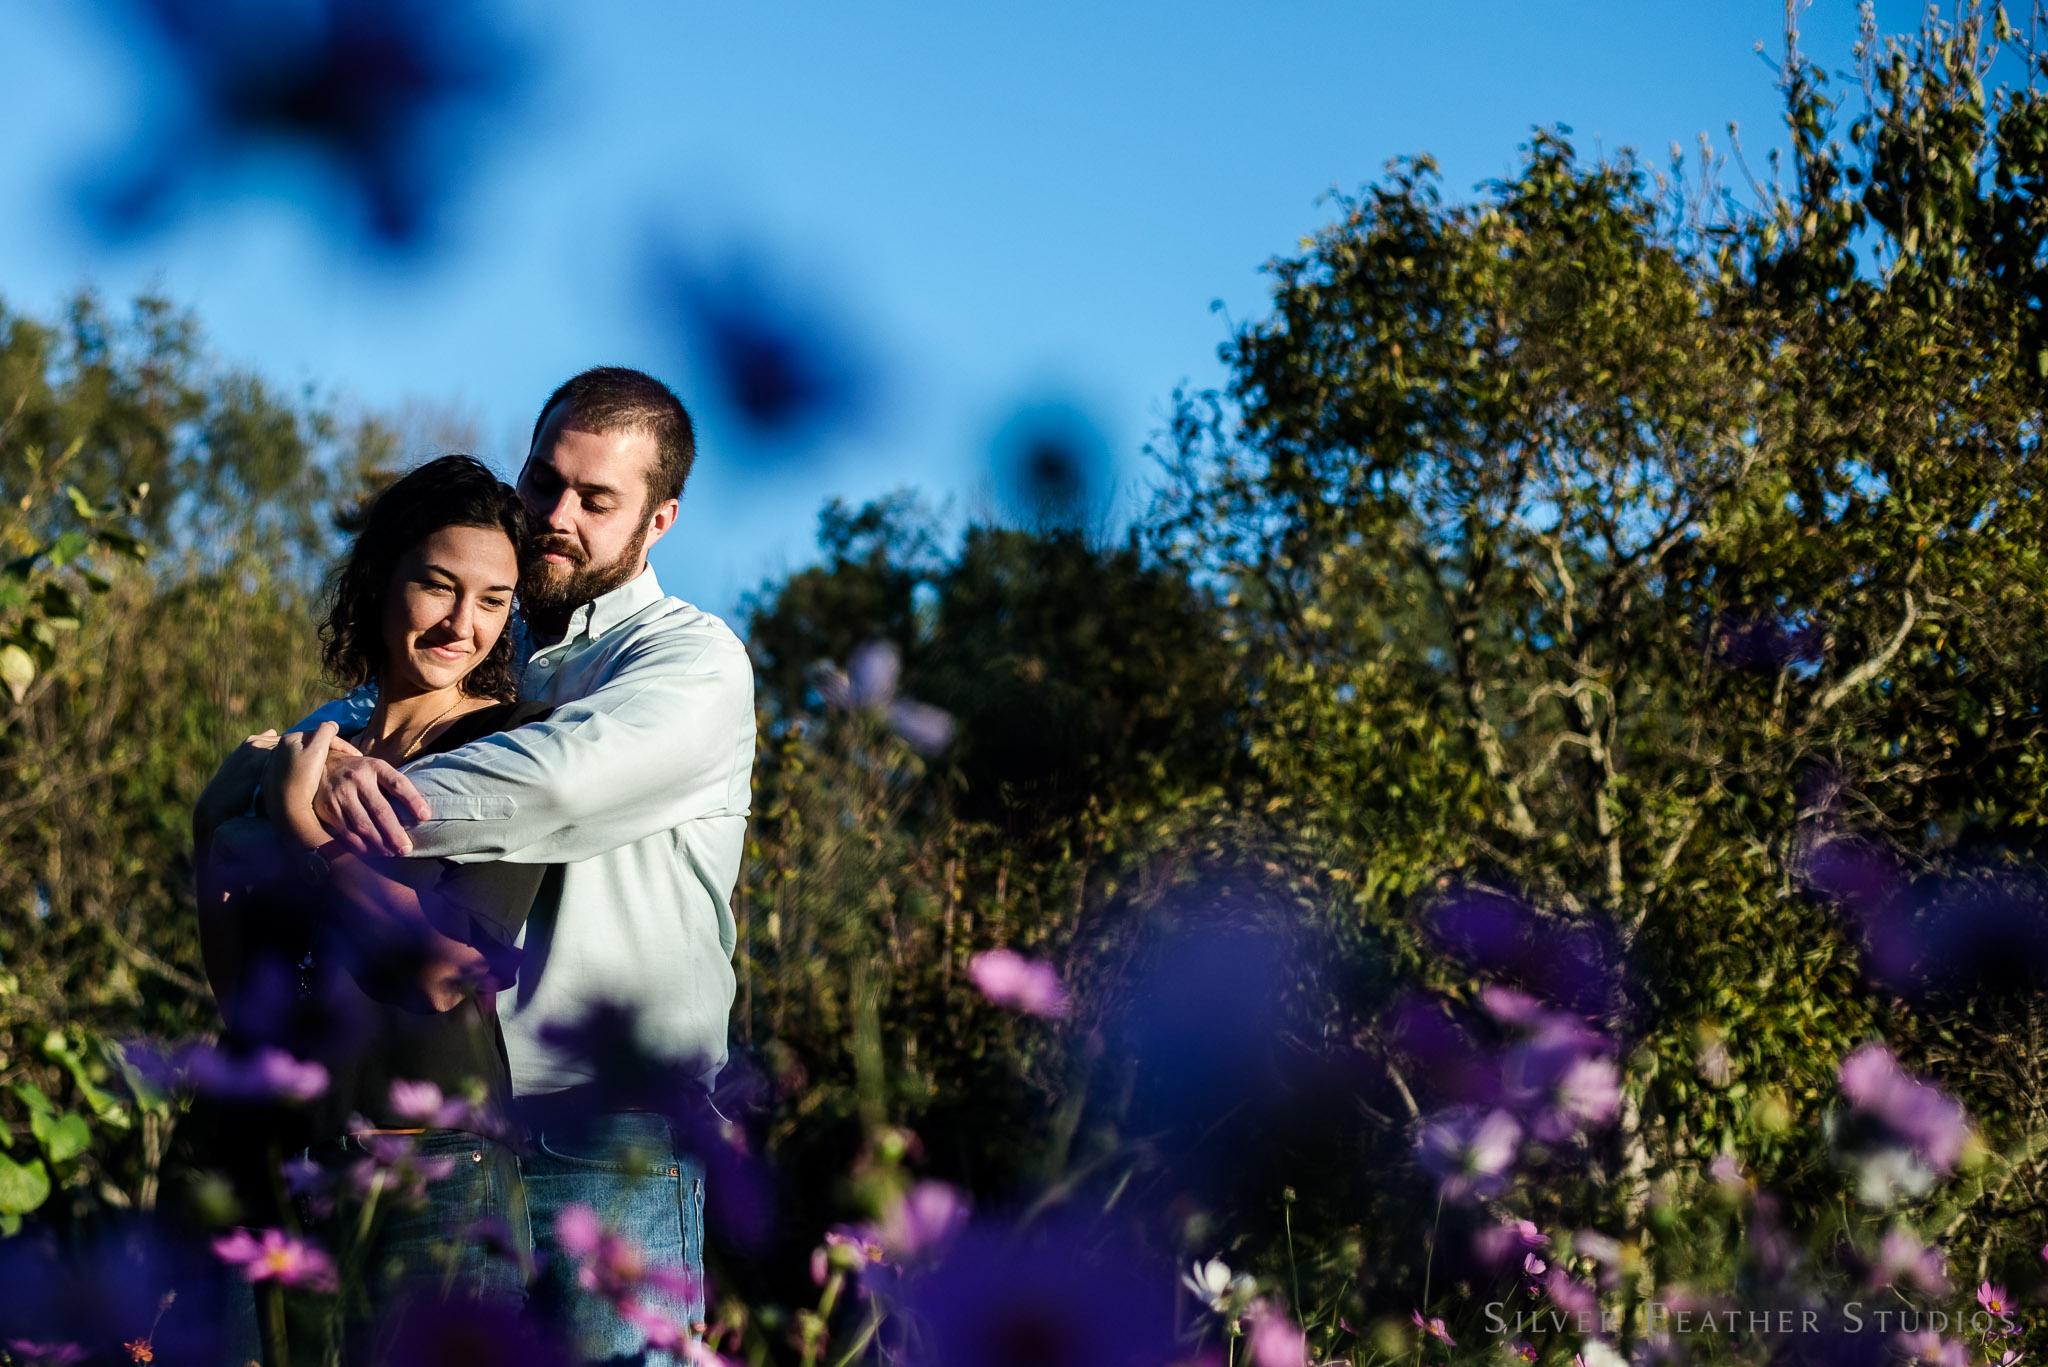 jc-raulston-arboretum-engagement-006.jpg